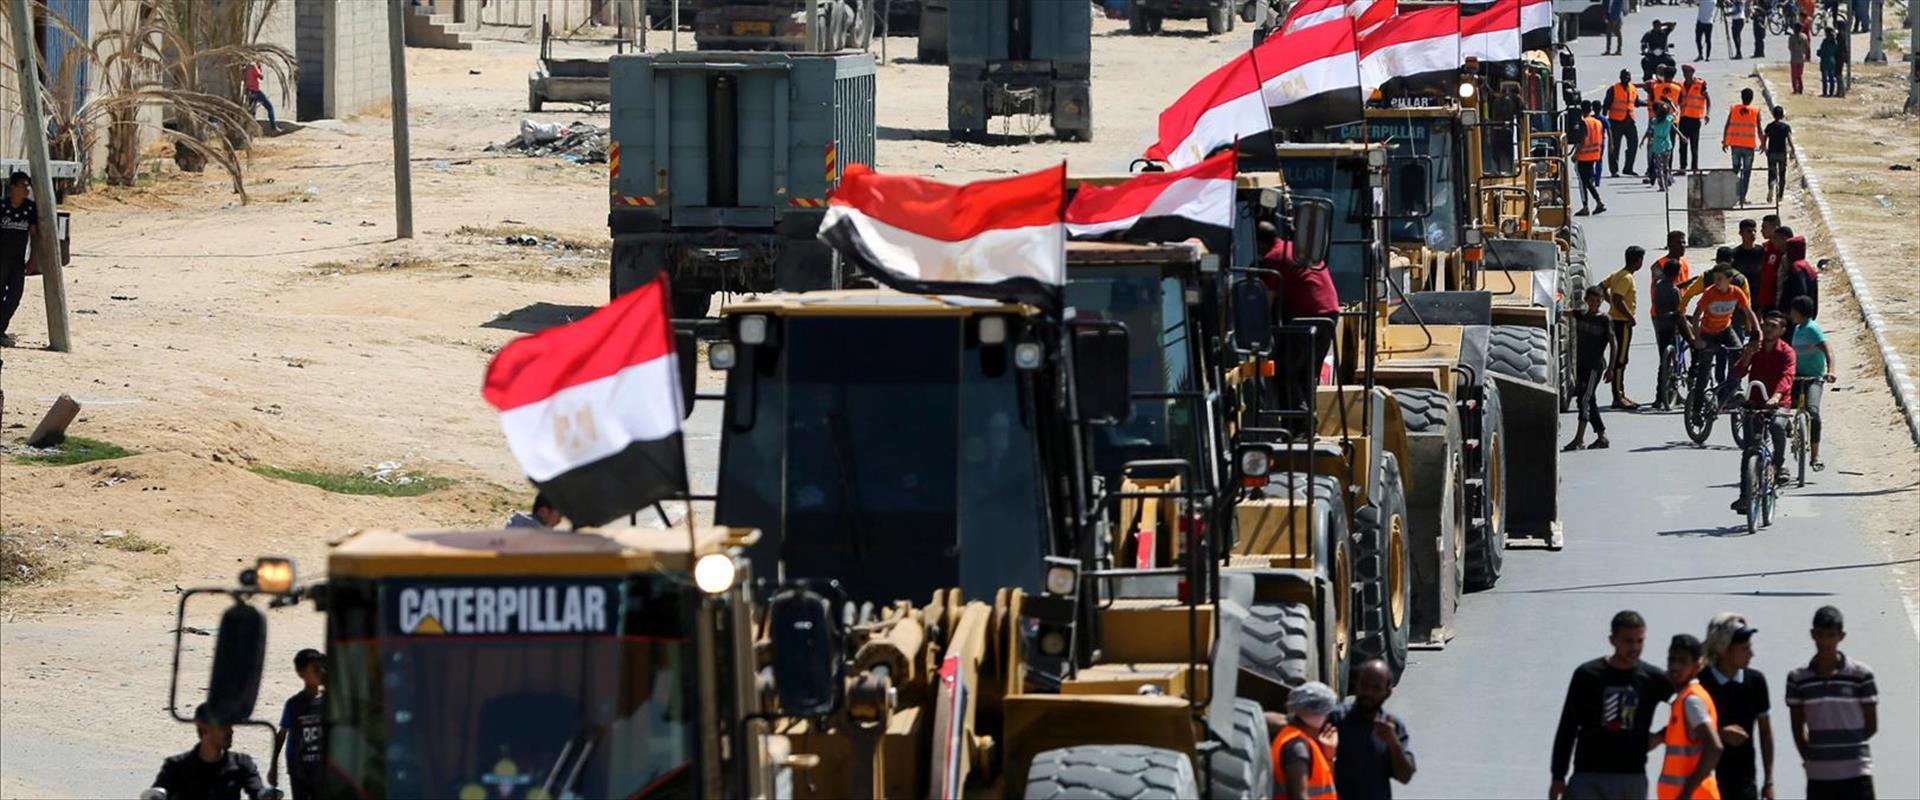 שיירת דחפורים נכנסת לרצועת עזה ממצרים, השבוע